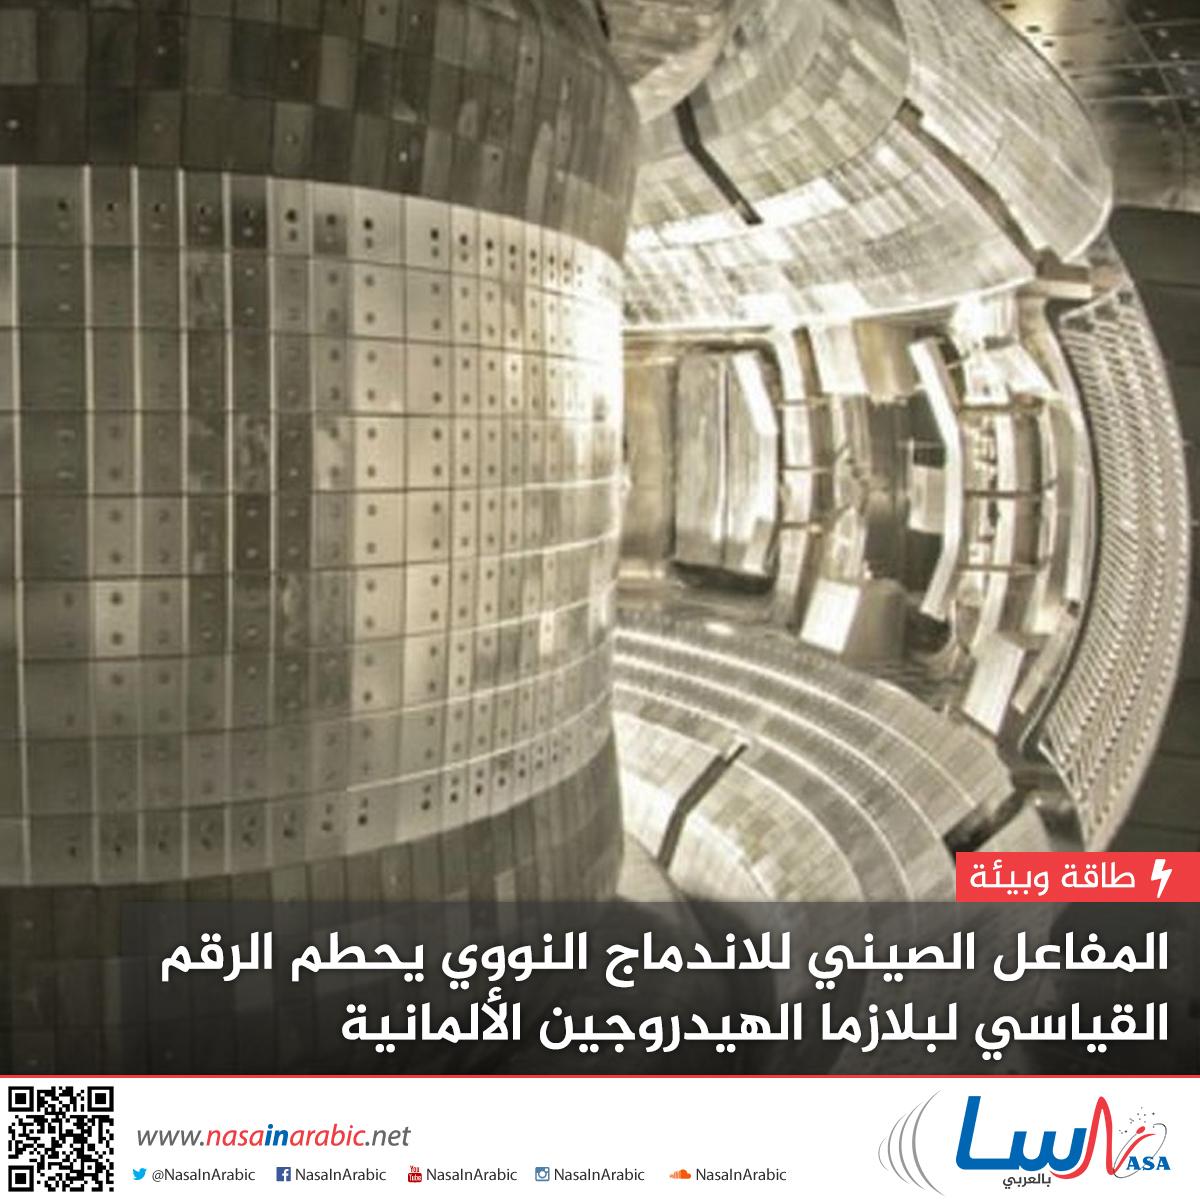 رقم قياسي جديد في مفاعلات الاندماج النووي